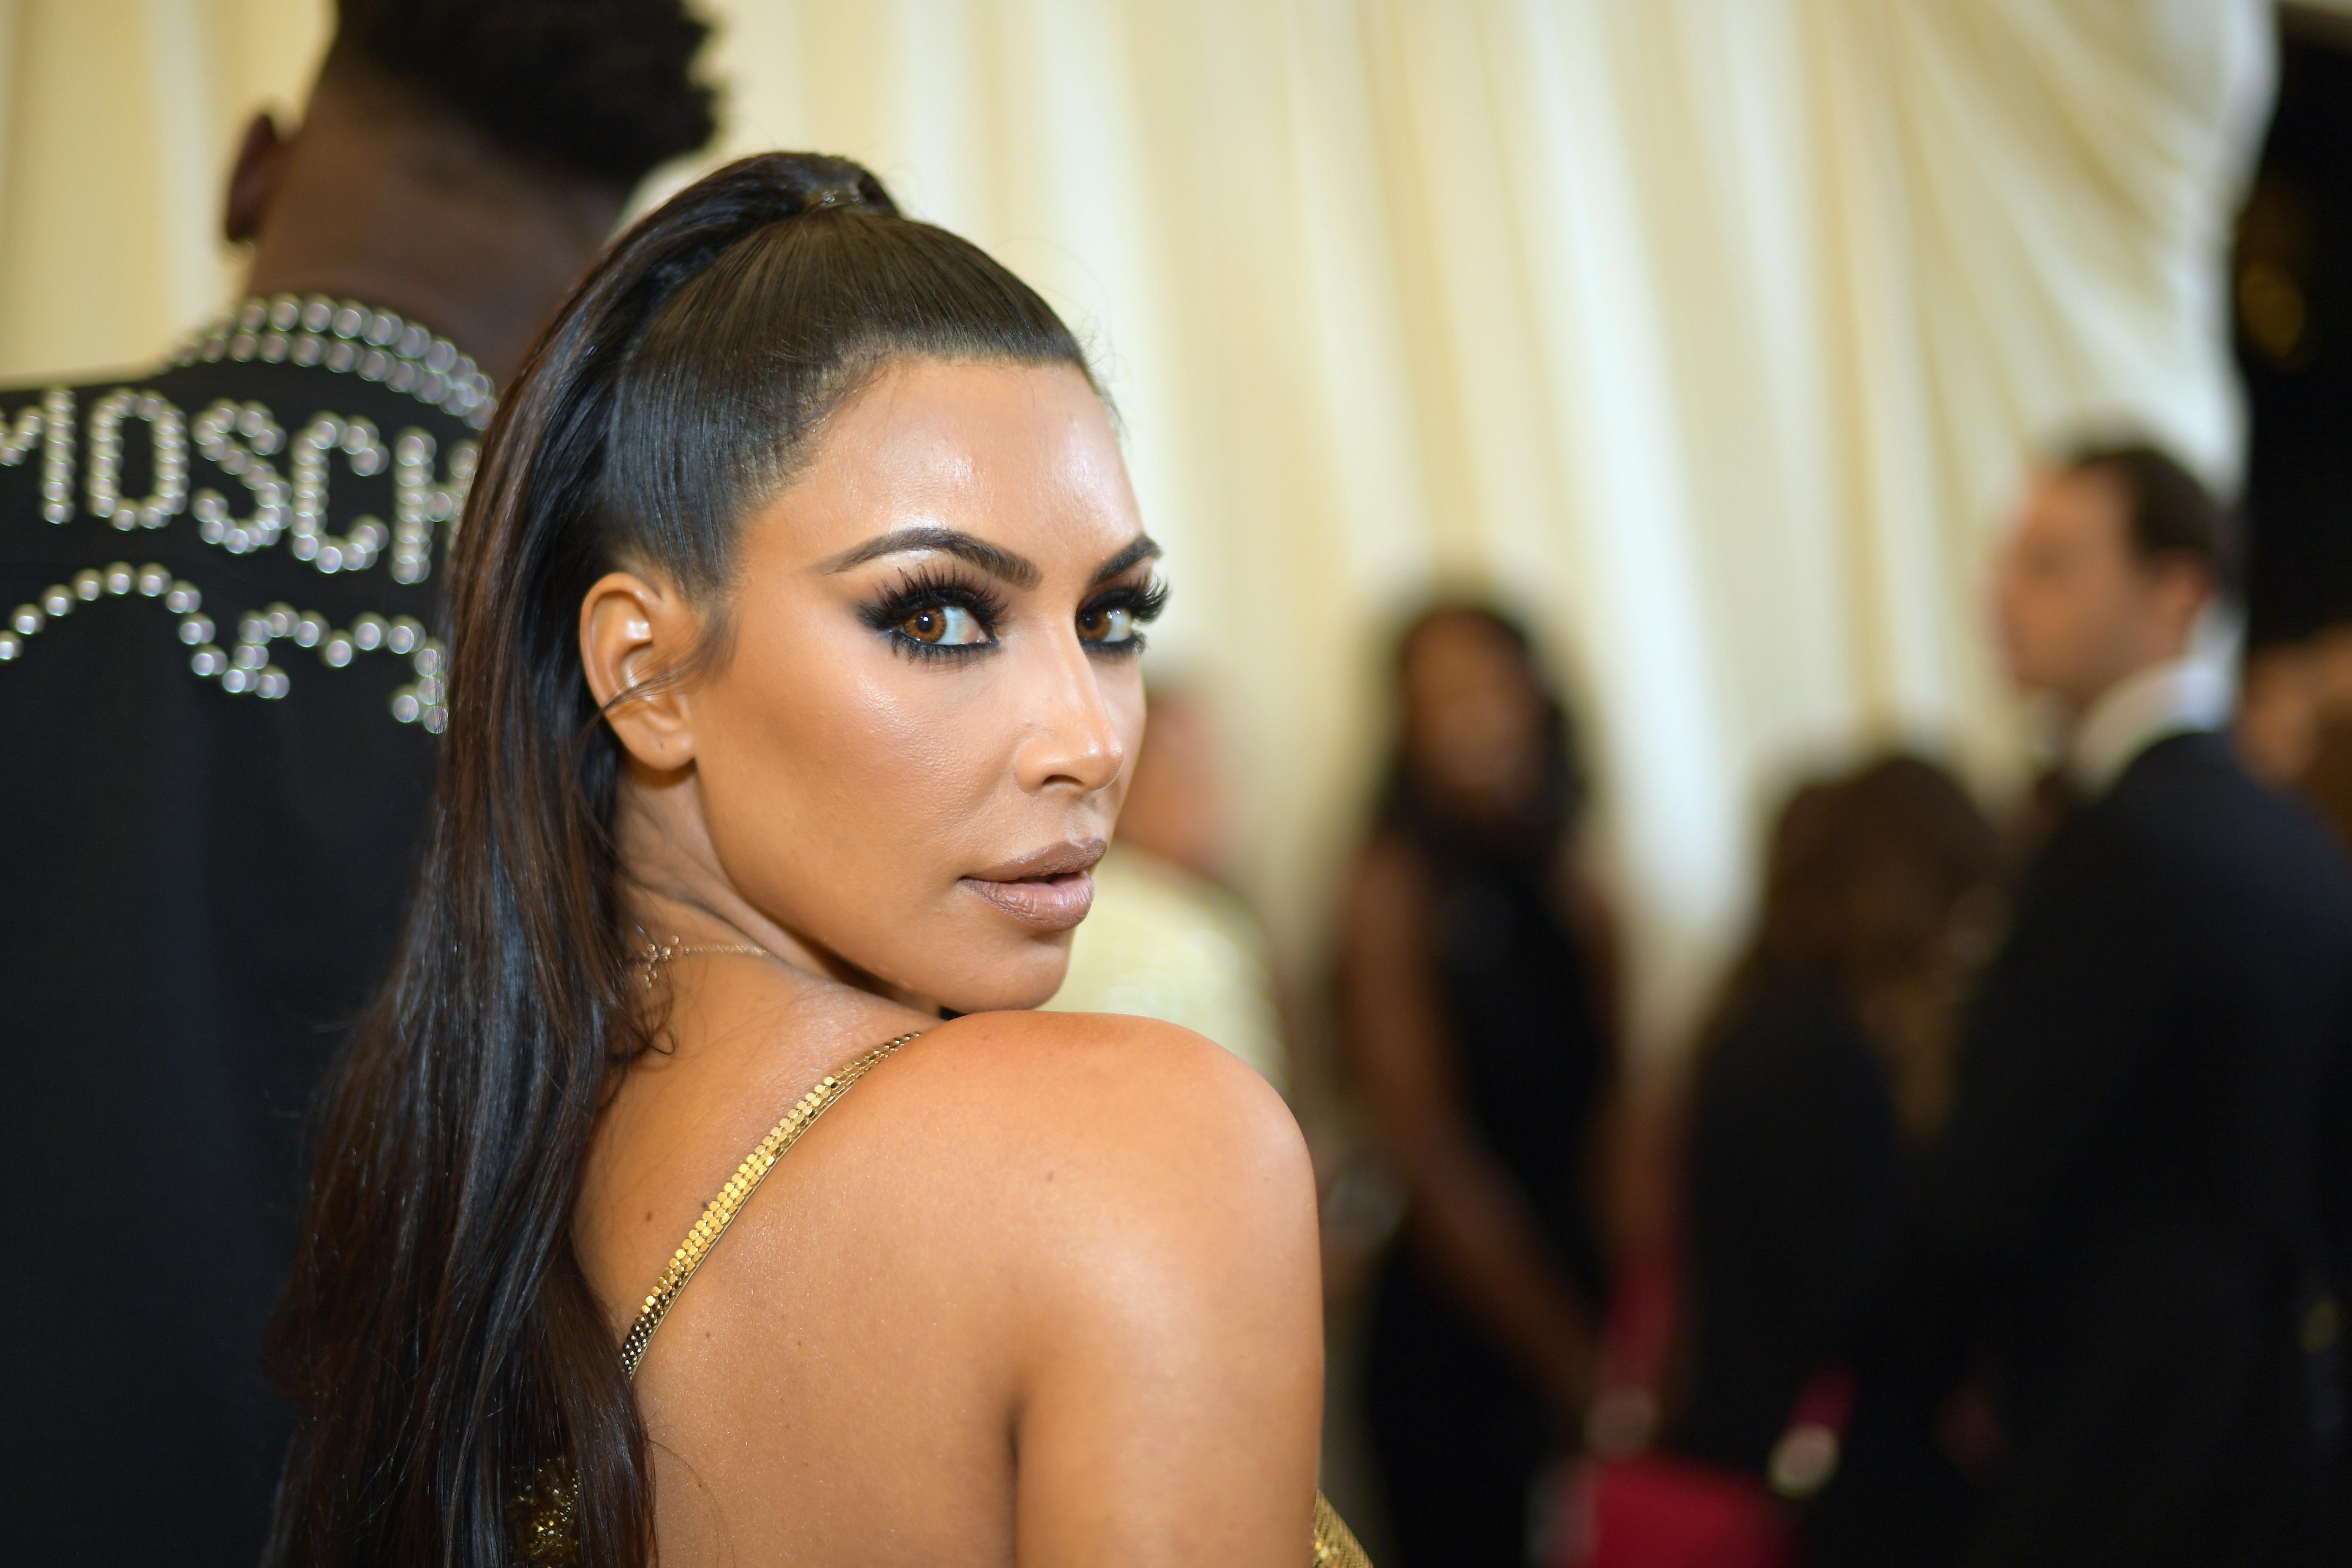 Go Kim, go! Η Kim Kardashian έβαλε στην θέση του τον τύπο μετά από δημοσίευμα για την επιδερμίδα της!   tlife.gr